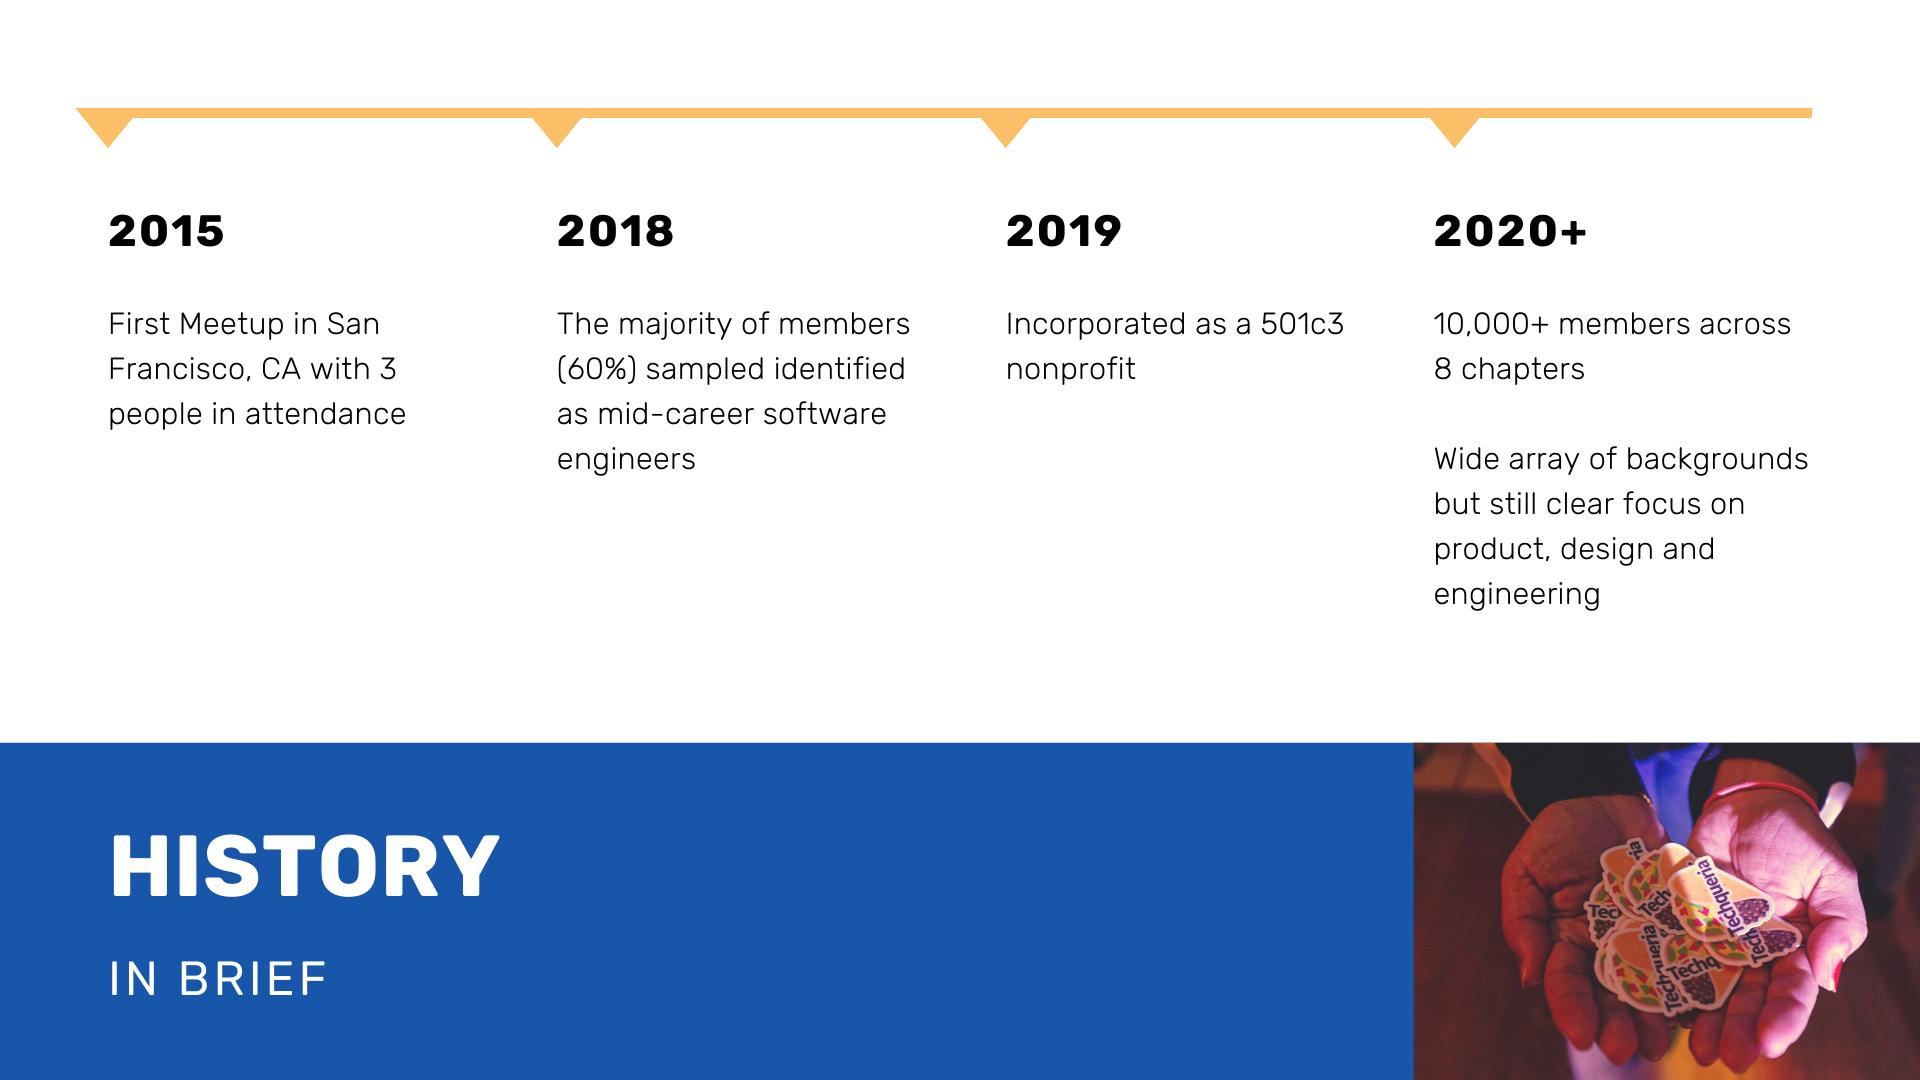 Techqueria History 2020